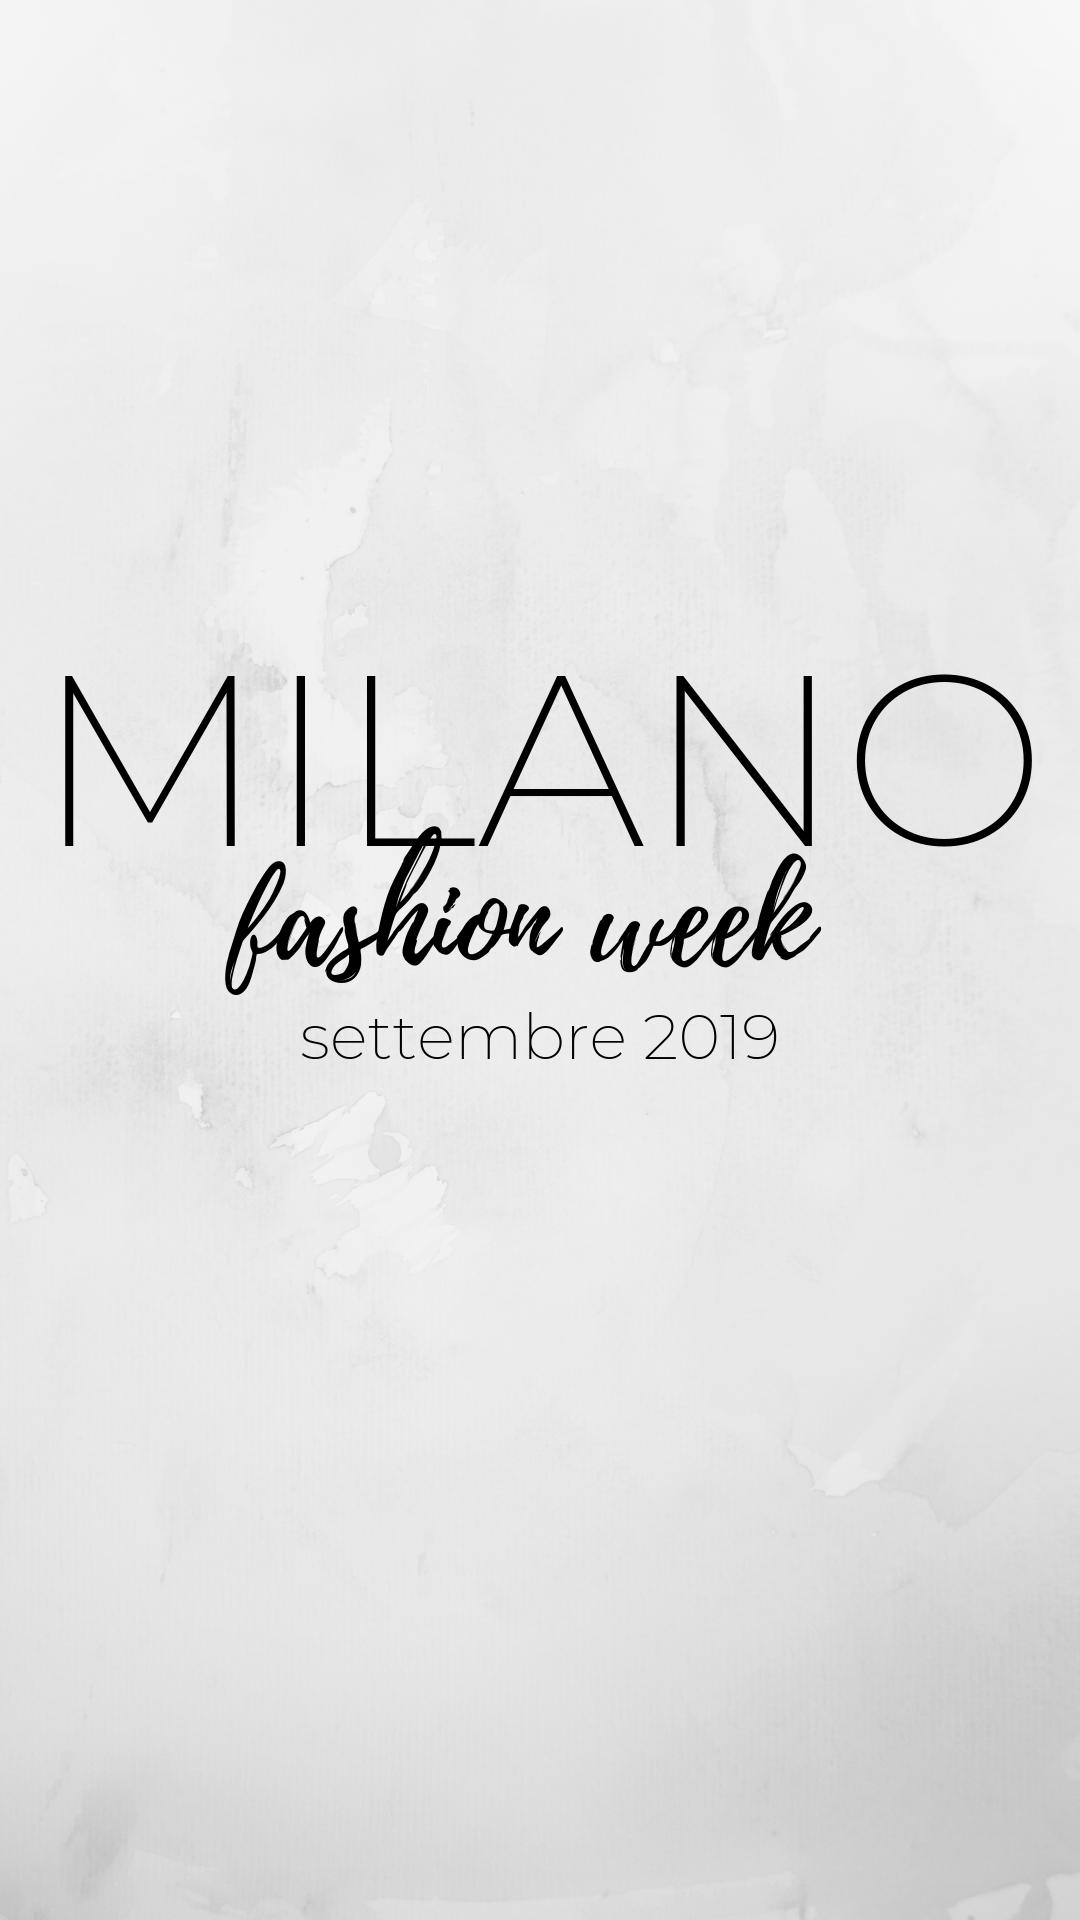 Settimana della moda milano nuove collezioni